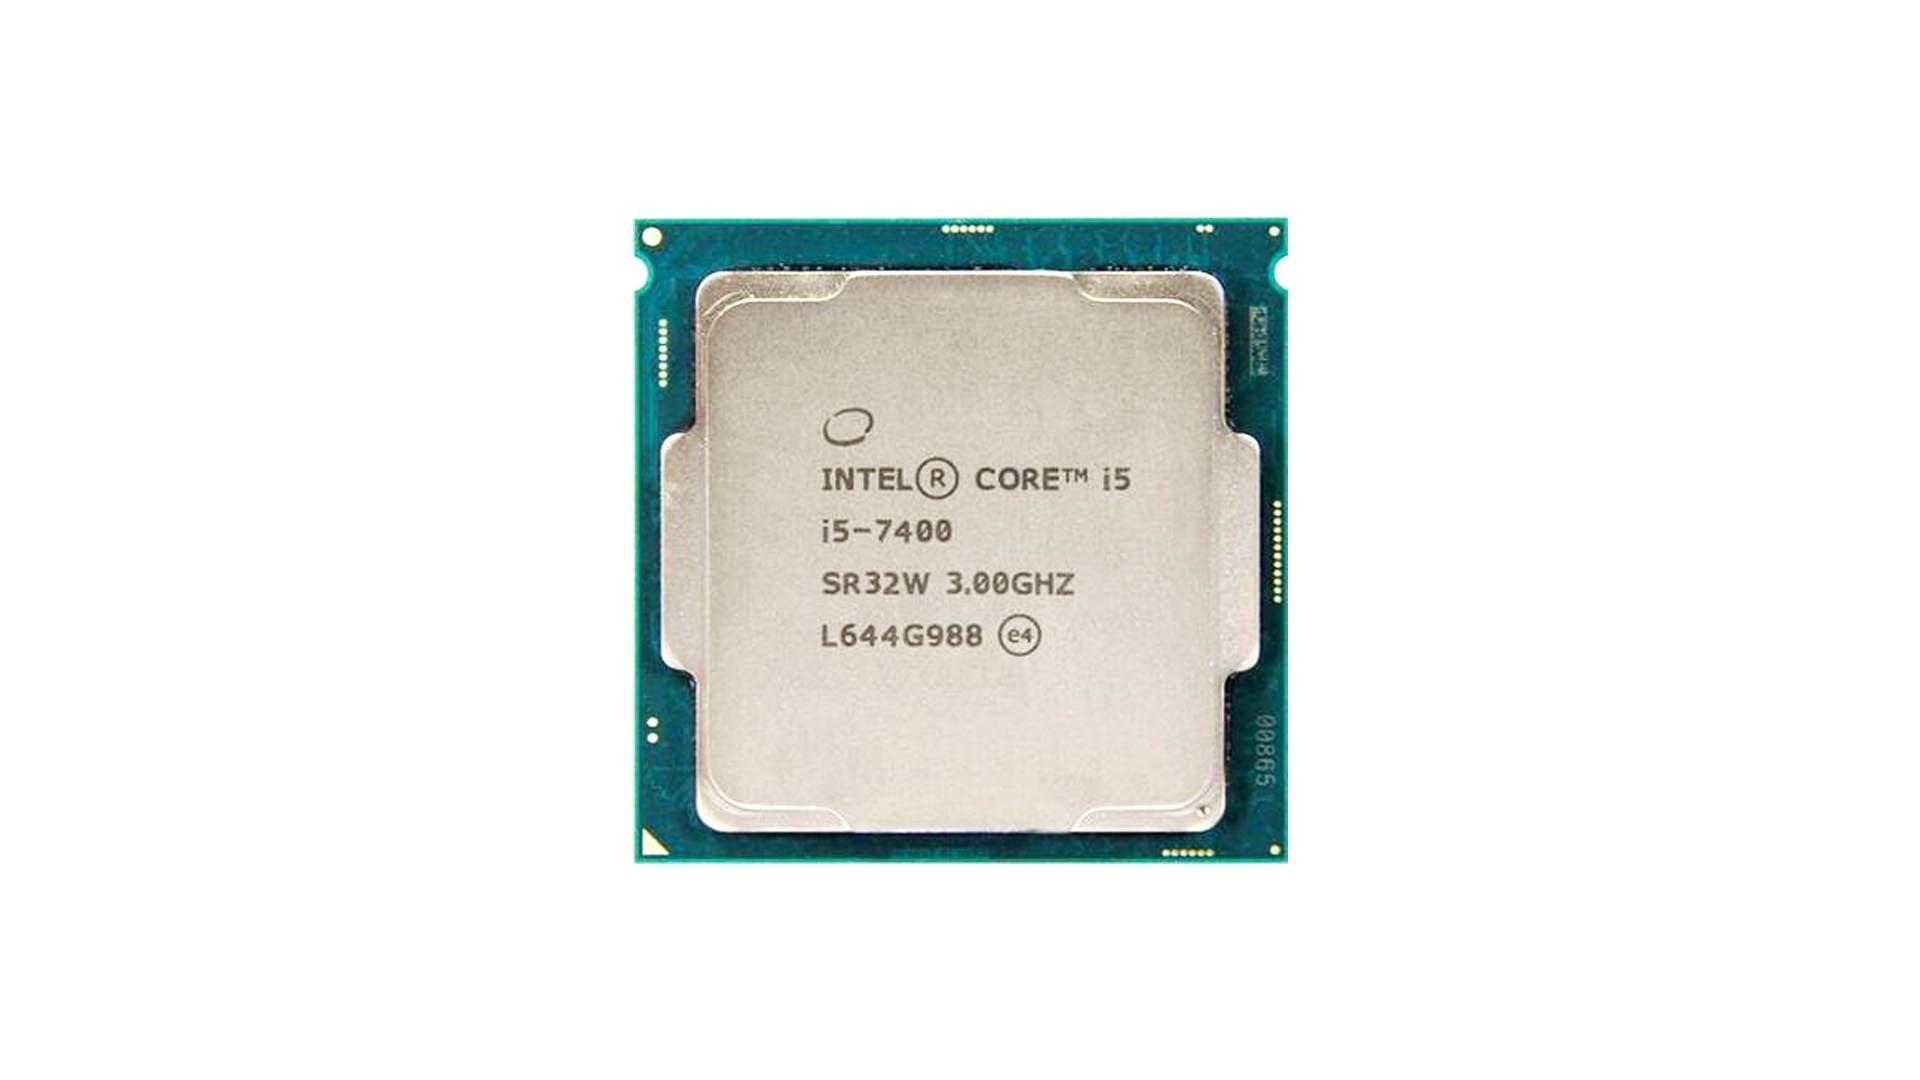 Chip do processador Intel Core i5 7400 em fundo branco